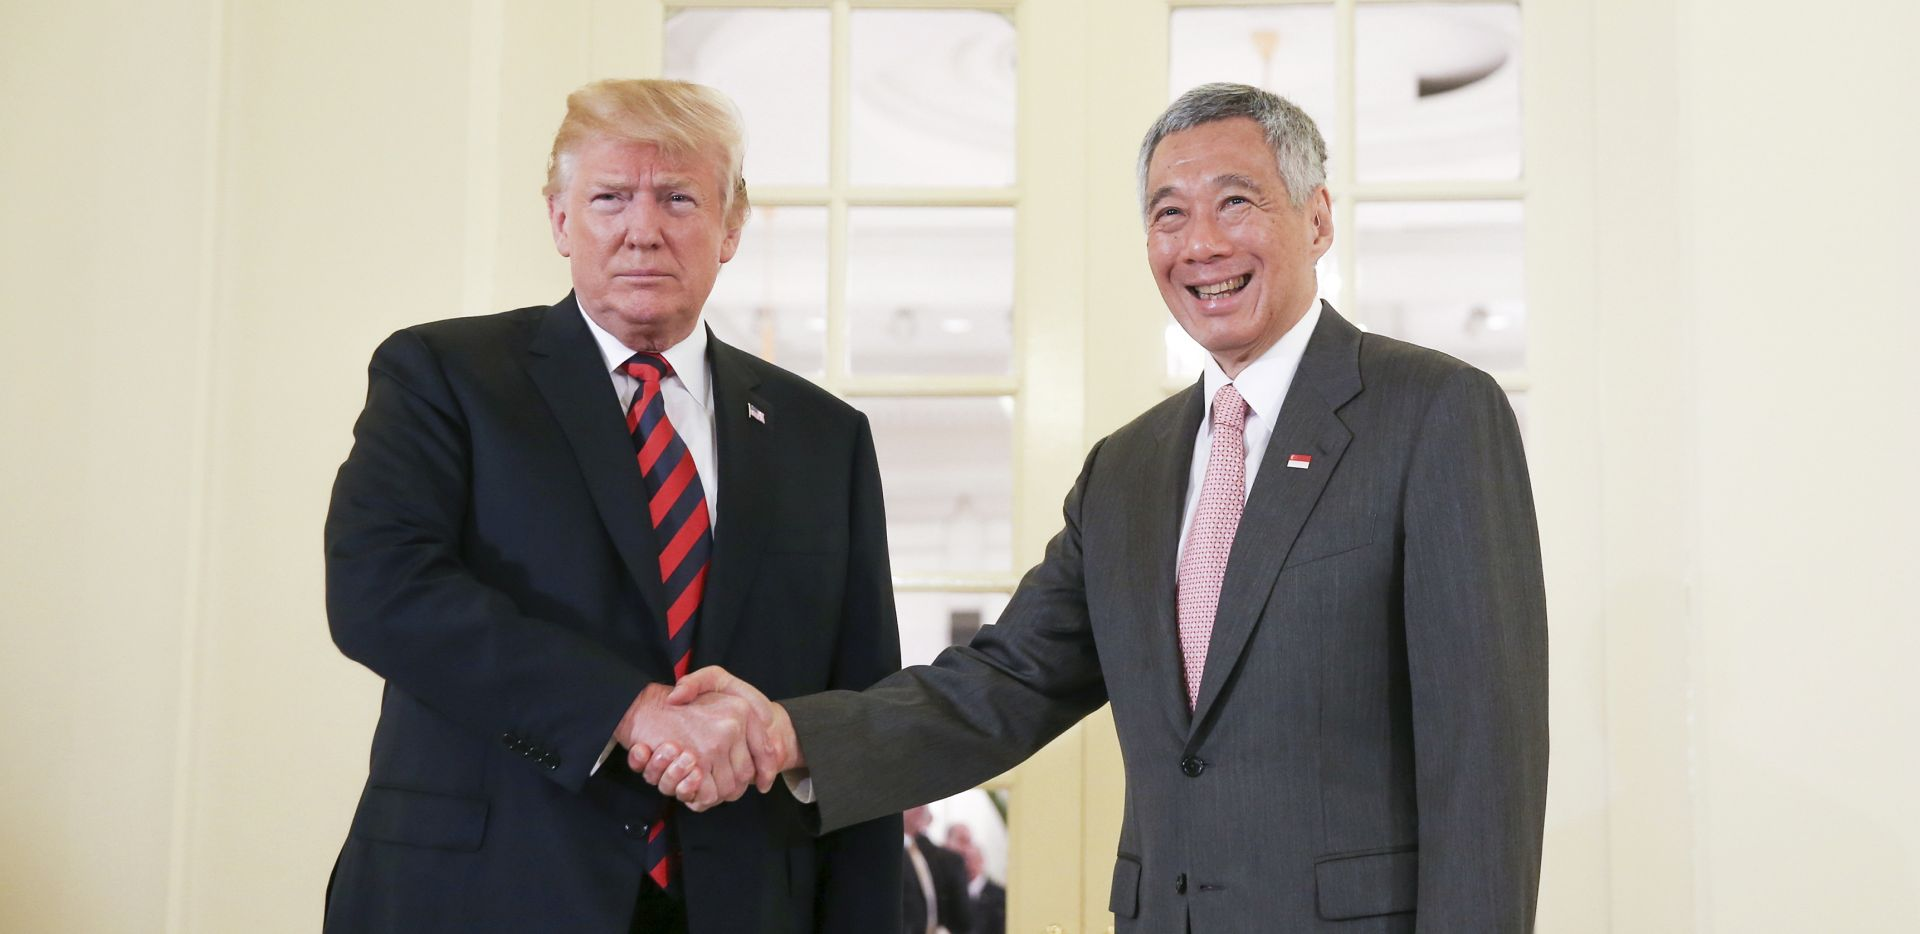 Trump se uoči sutrašnjeg summita sastao sa singapurskim premijerom